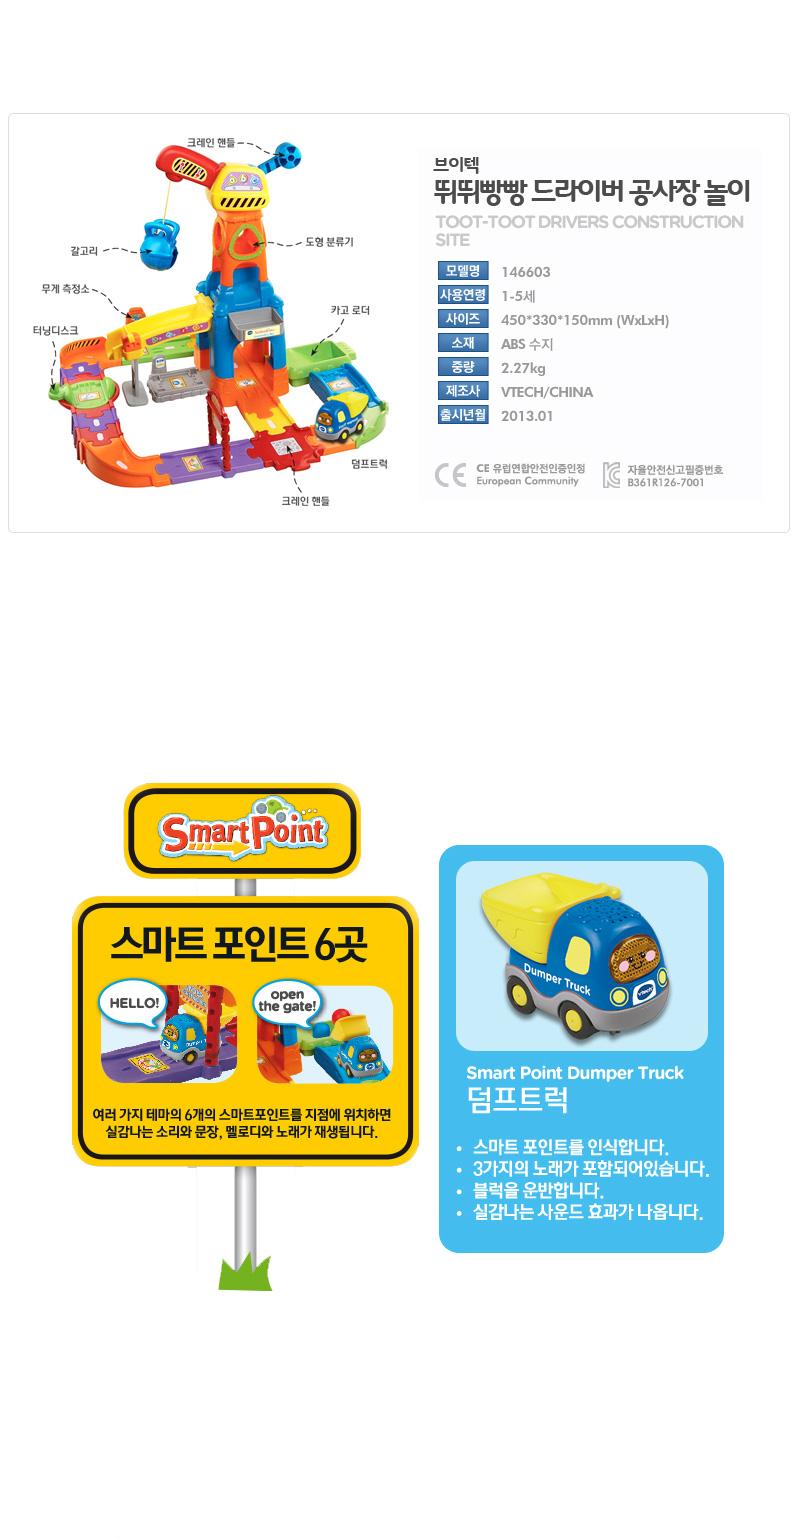 삼성출판사 브이텍 뛰뛰빵빵 드라이버 시리즈